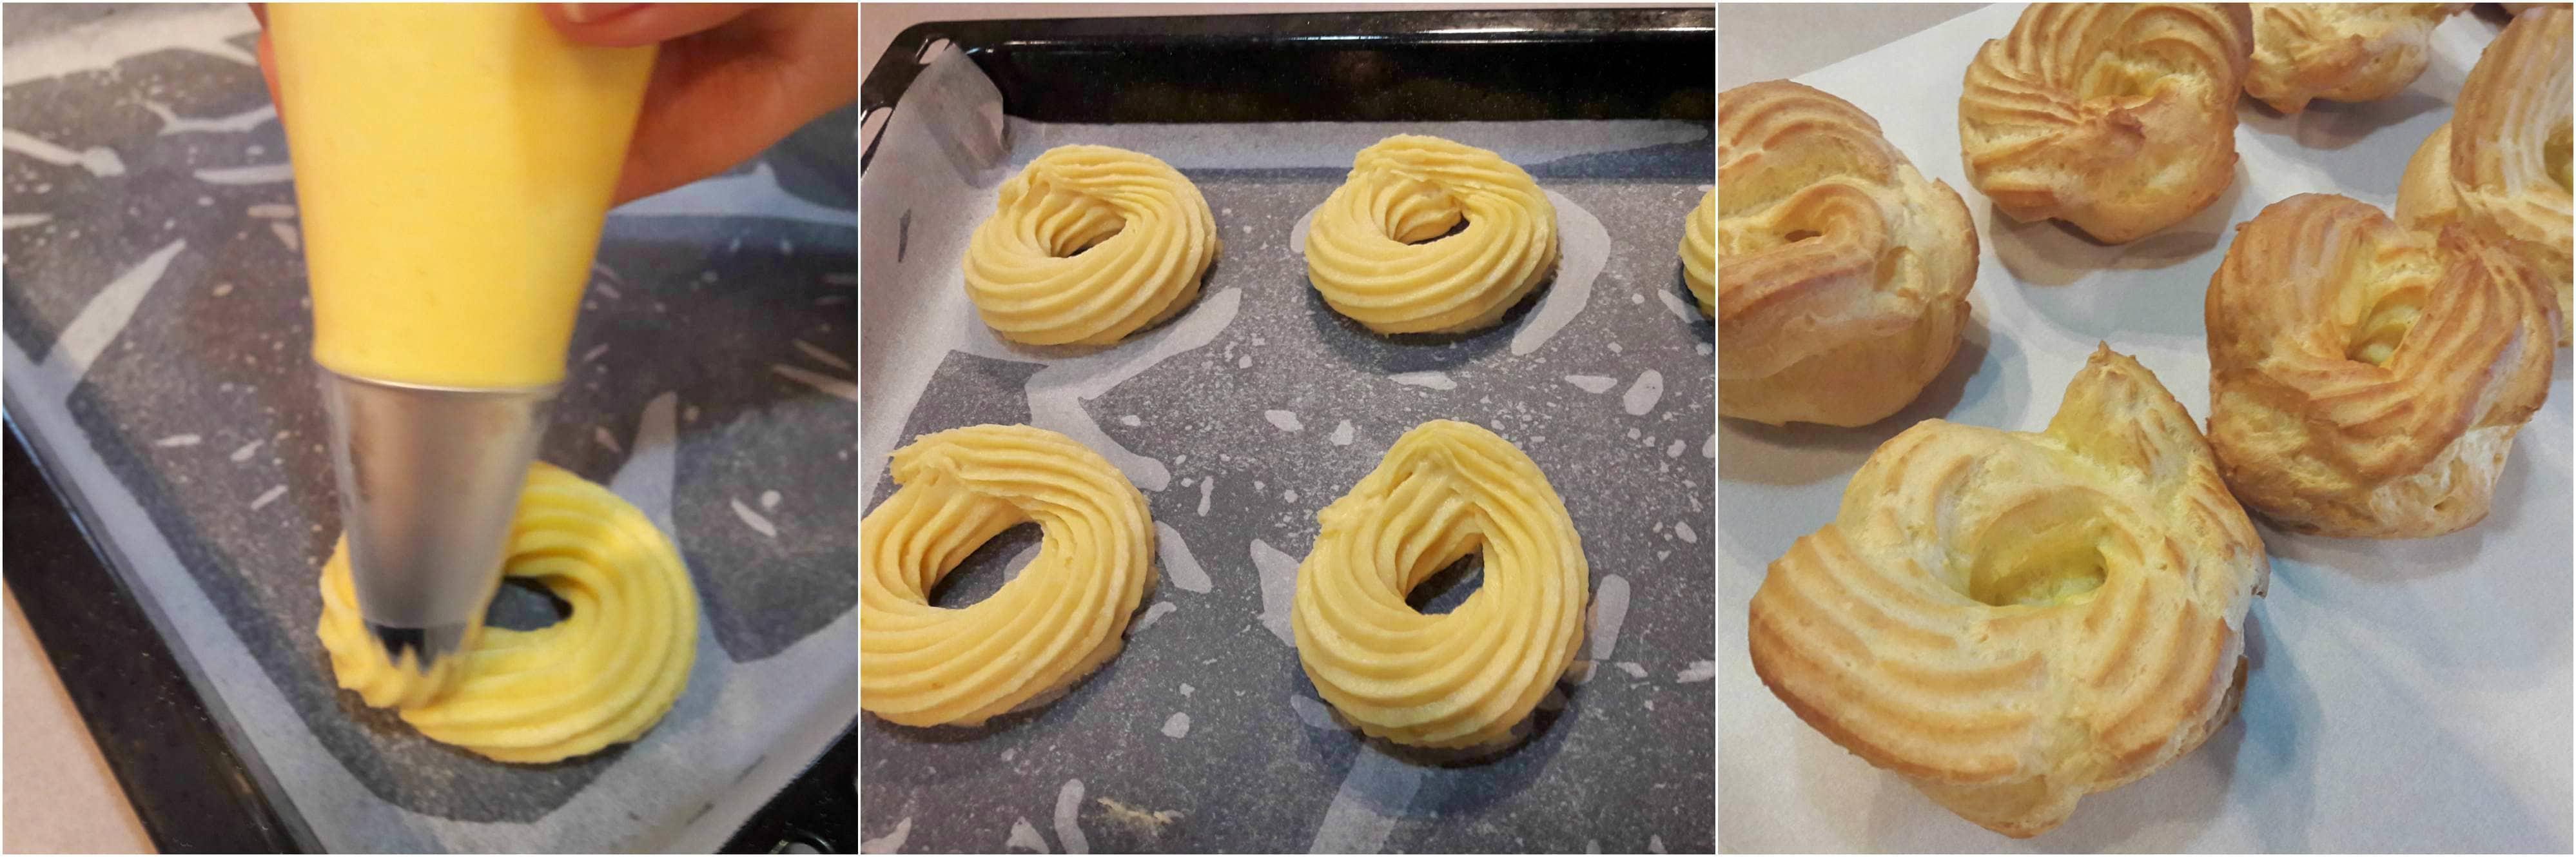 zeppole san giuseppe forno box2@VG-2